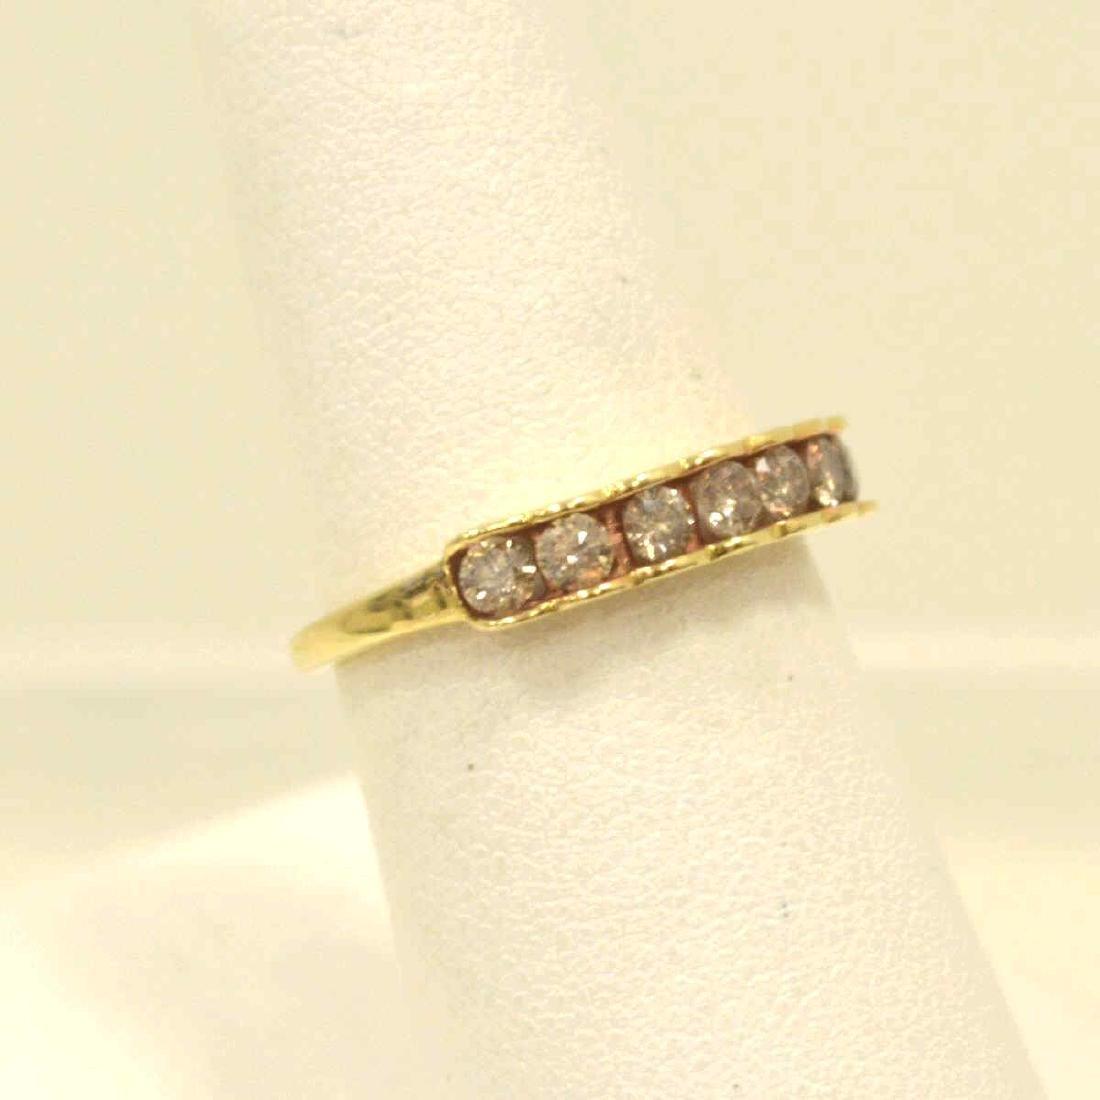 10kt yellow gold diamond band - 2